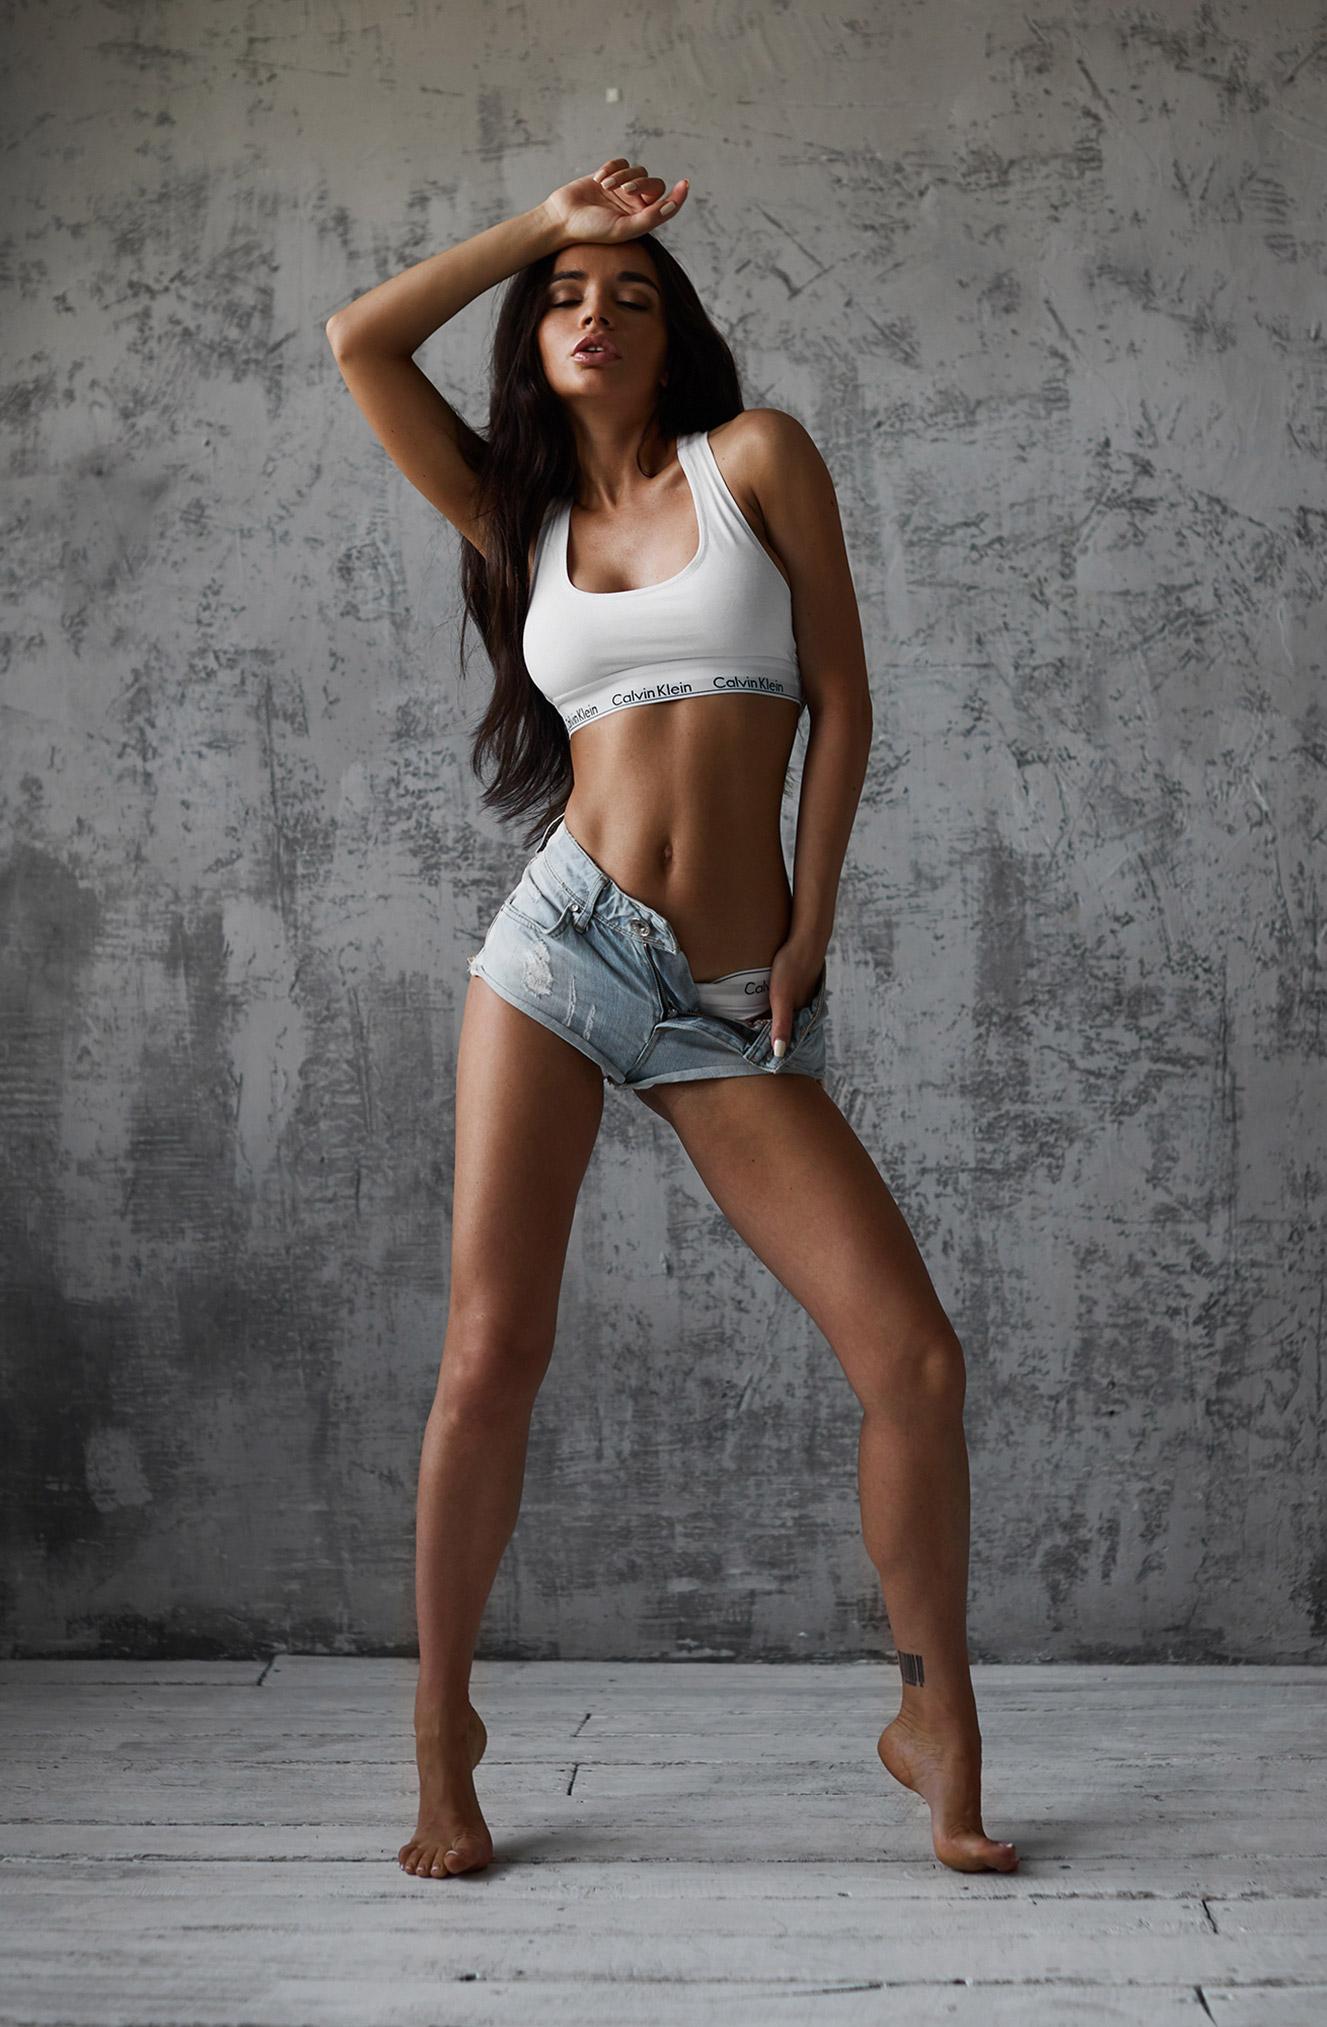 Екатерина Зуева, фотограф Дмитрий Лобанов / фото 03